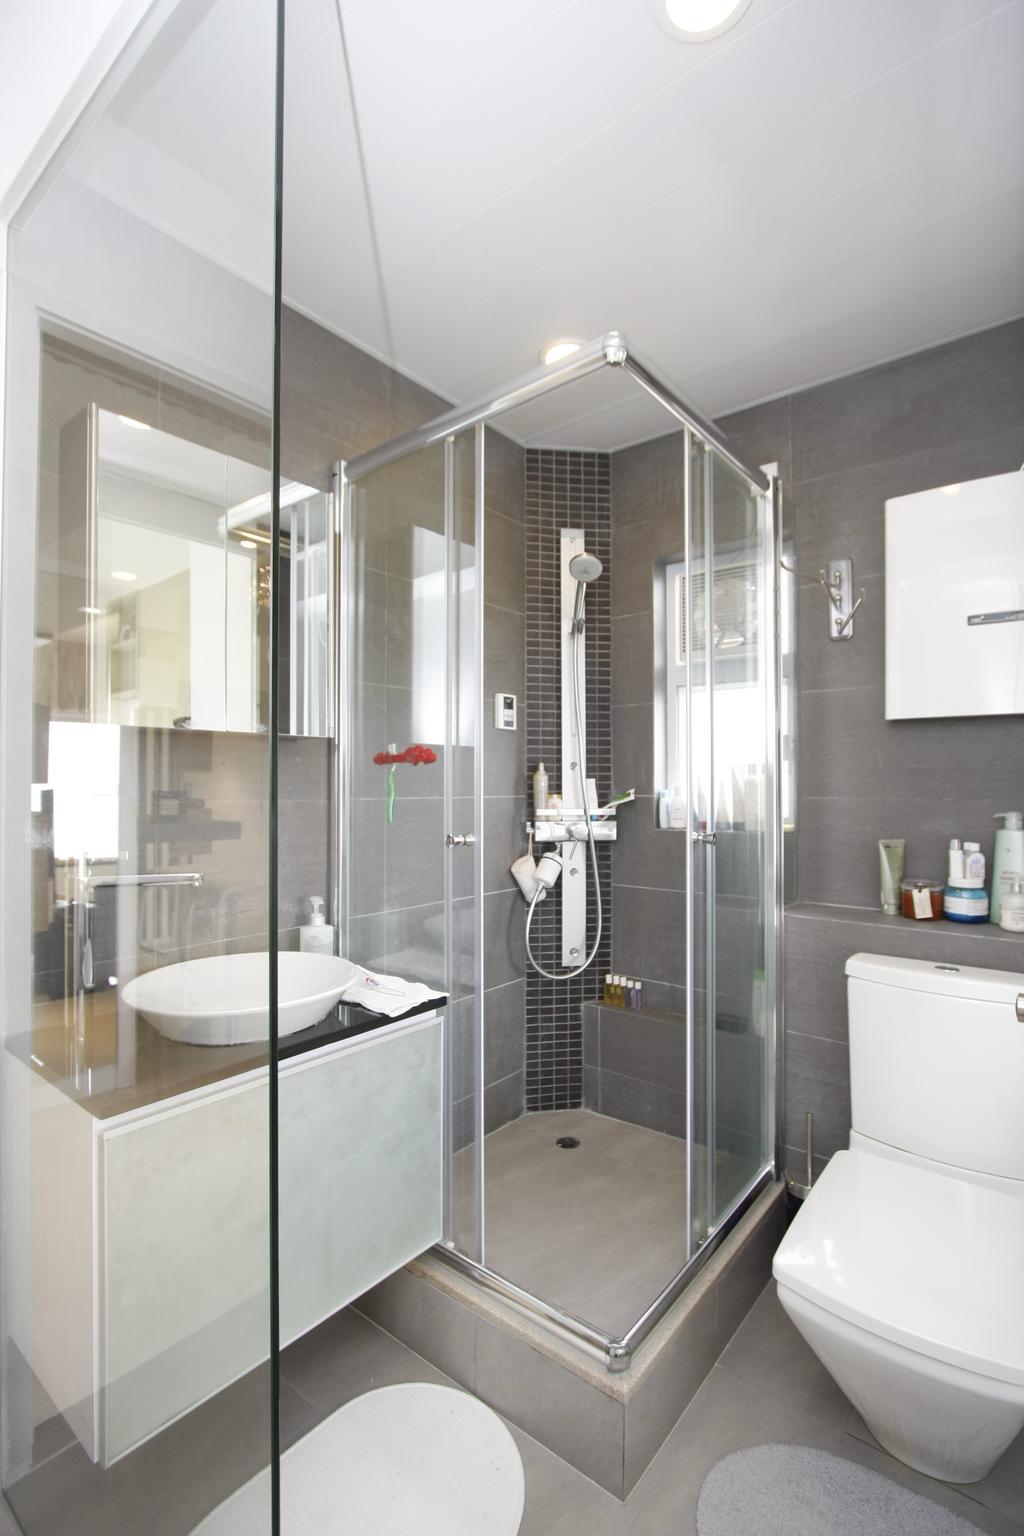 摩登, 私家樓, 浴室, 黃金海岸, 室內設計師, 和生設計, Indoors, Interior Design, Room, Bathtub, Tub, Sink